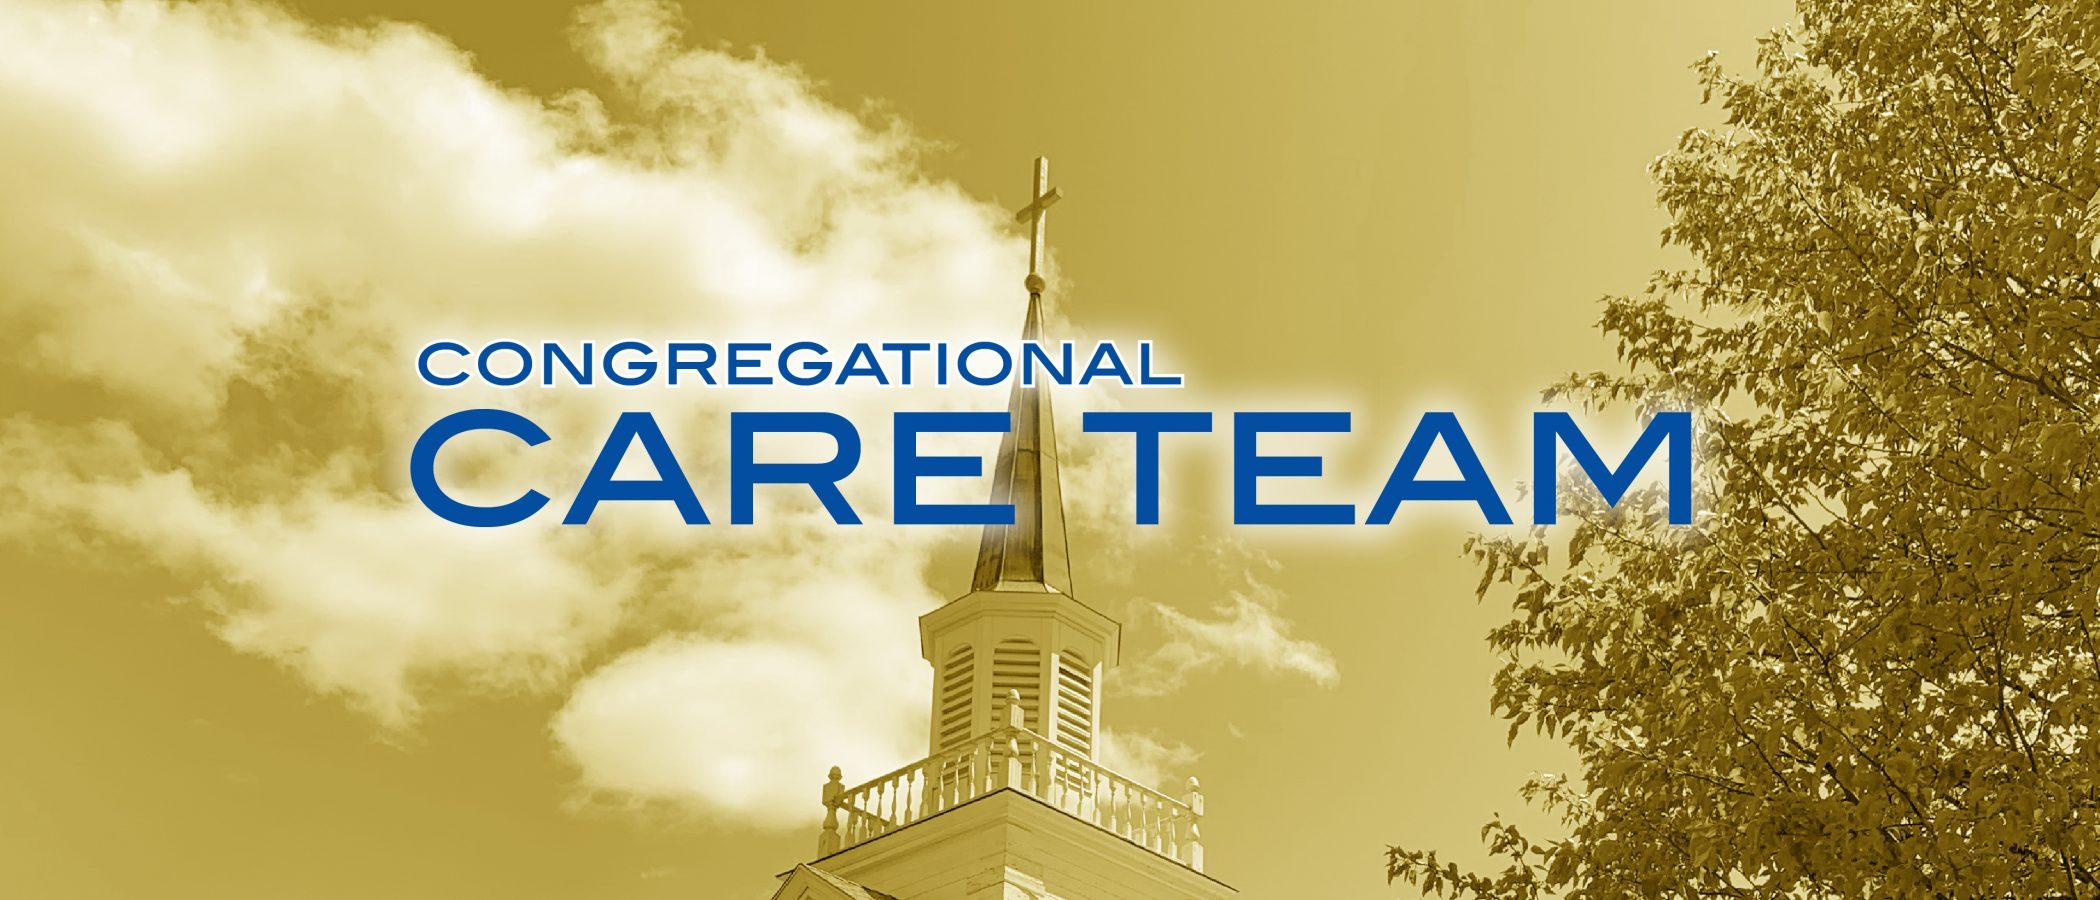 wellspring-congregational-care-team-11brd-dq2021_building-bckgrd-web-banner2x-100